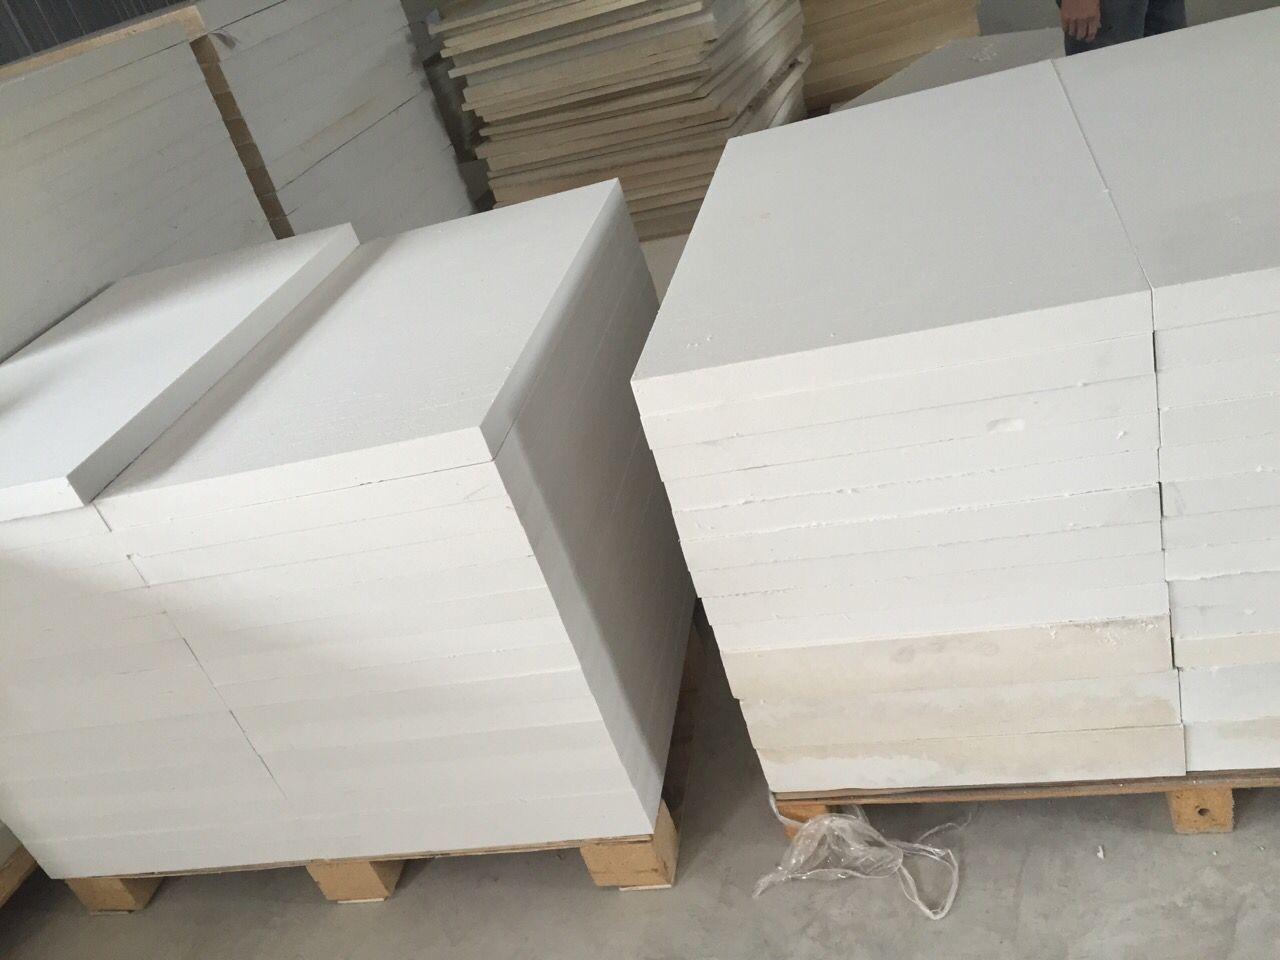 陶瓷纤维甩丝板-德阳95kg1260甩丝硅酸铝针刺毯TSX-232厂家多少钱一平米